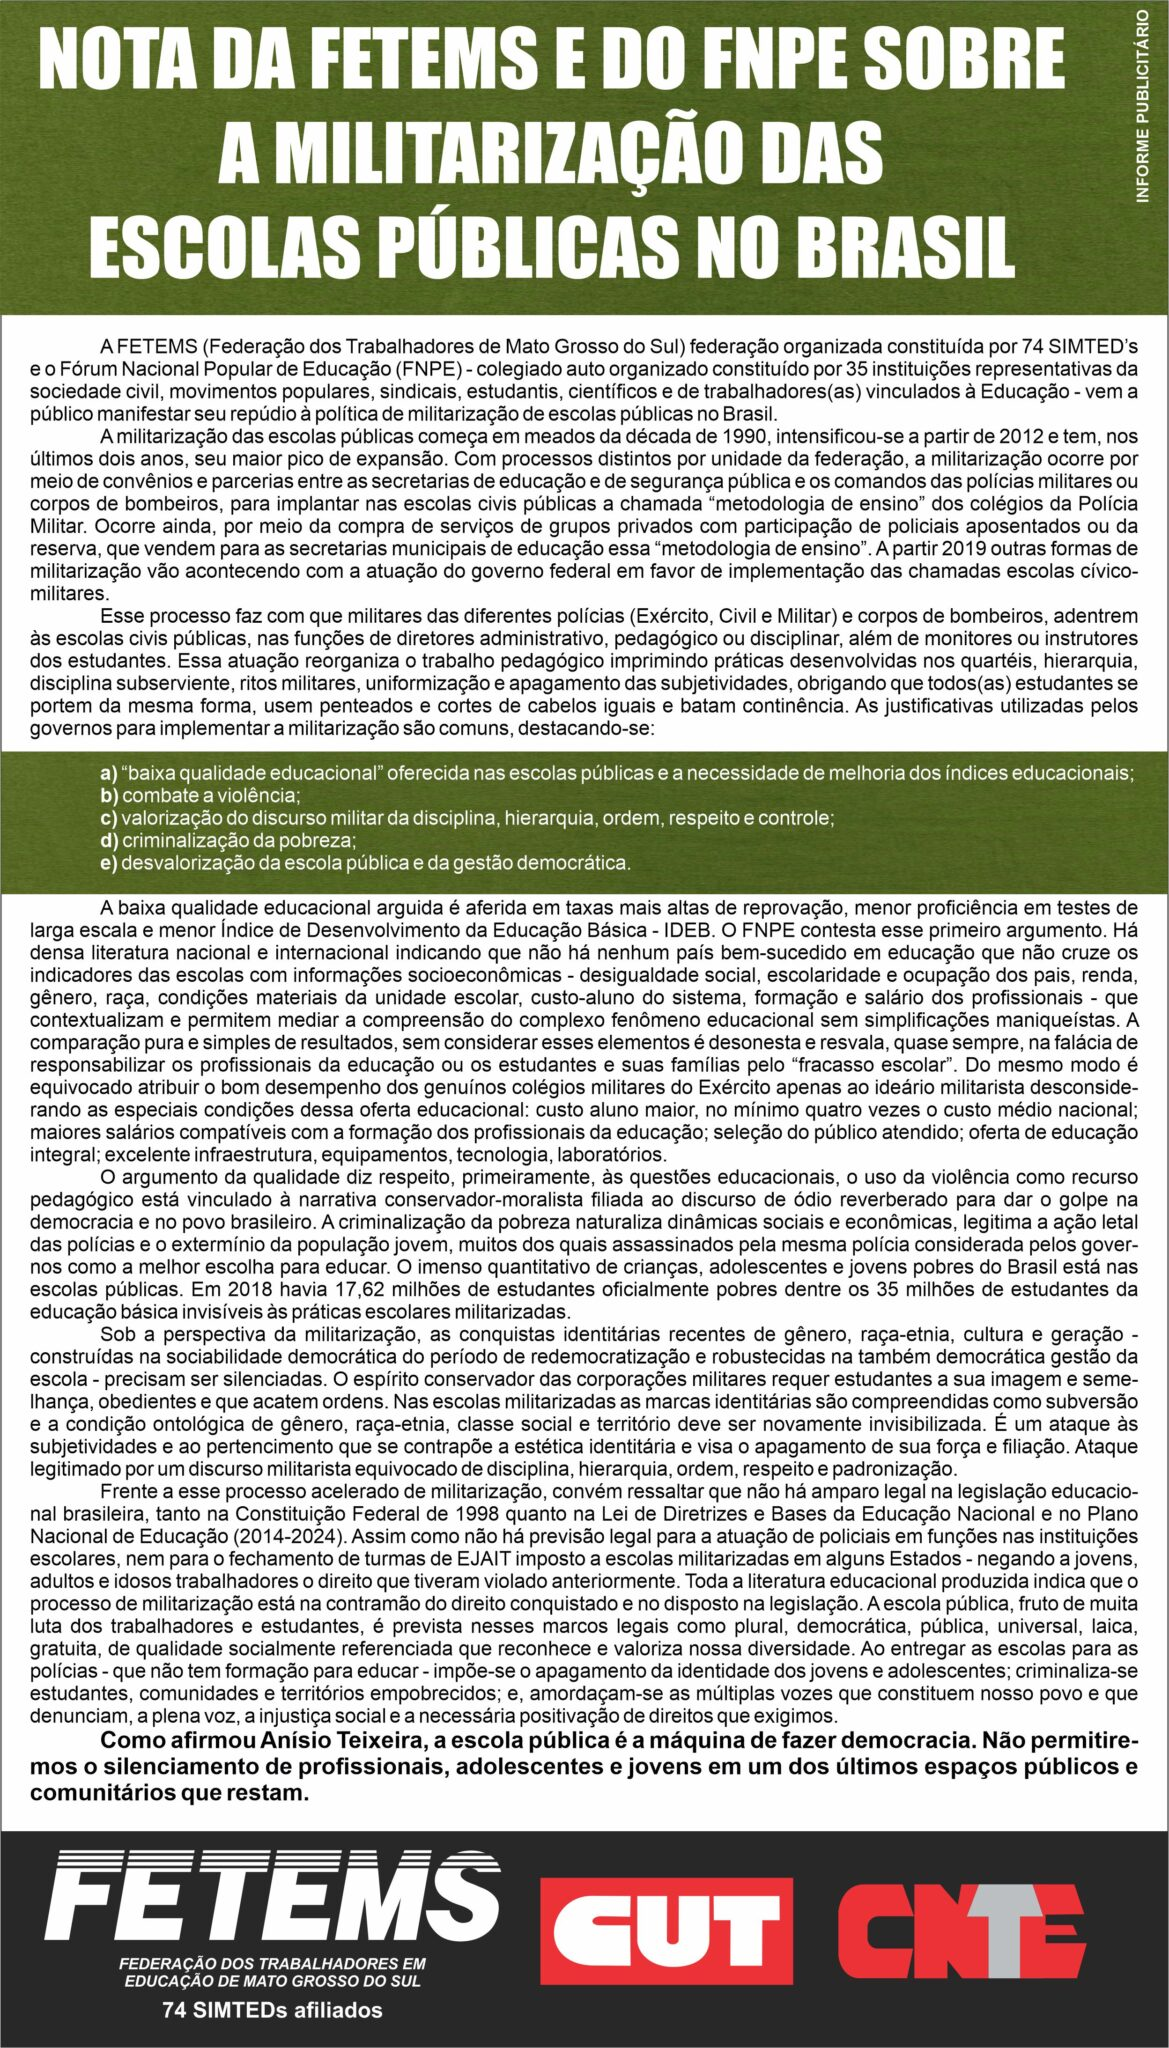 NOTA DA FETEMS E DO FNPE SOBRE A MILITARIZAÇÃO DAS ESCOLAS PÚBLICAS NO BRASIL 1